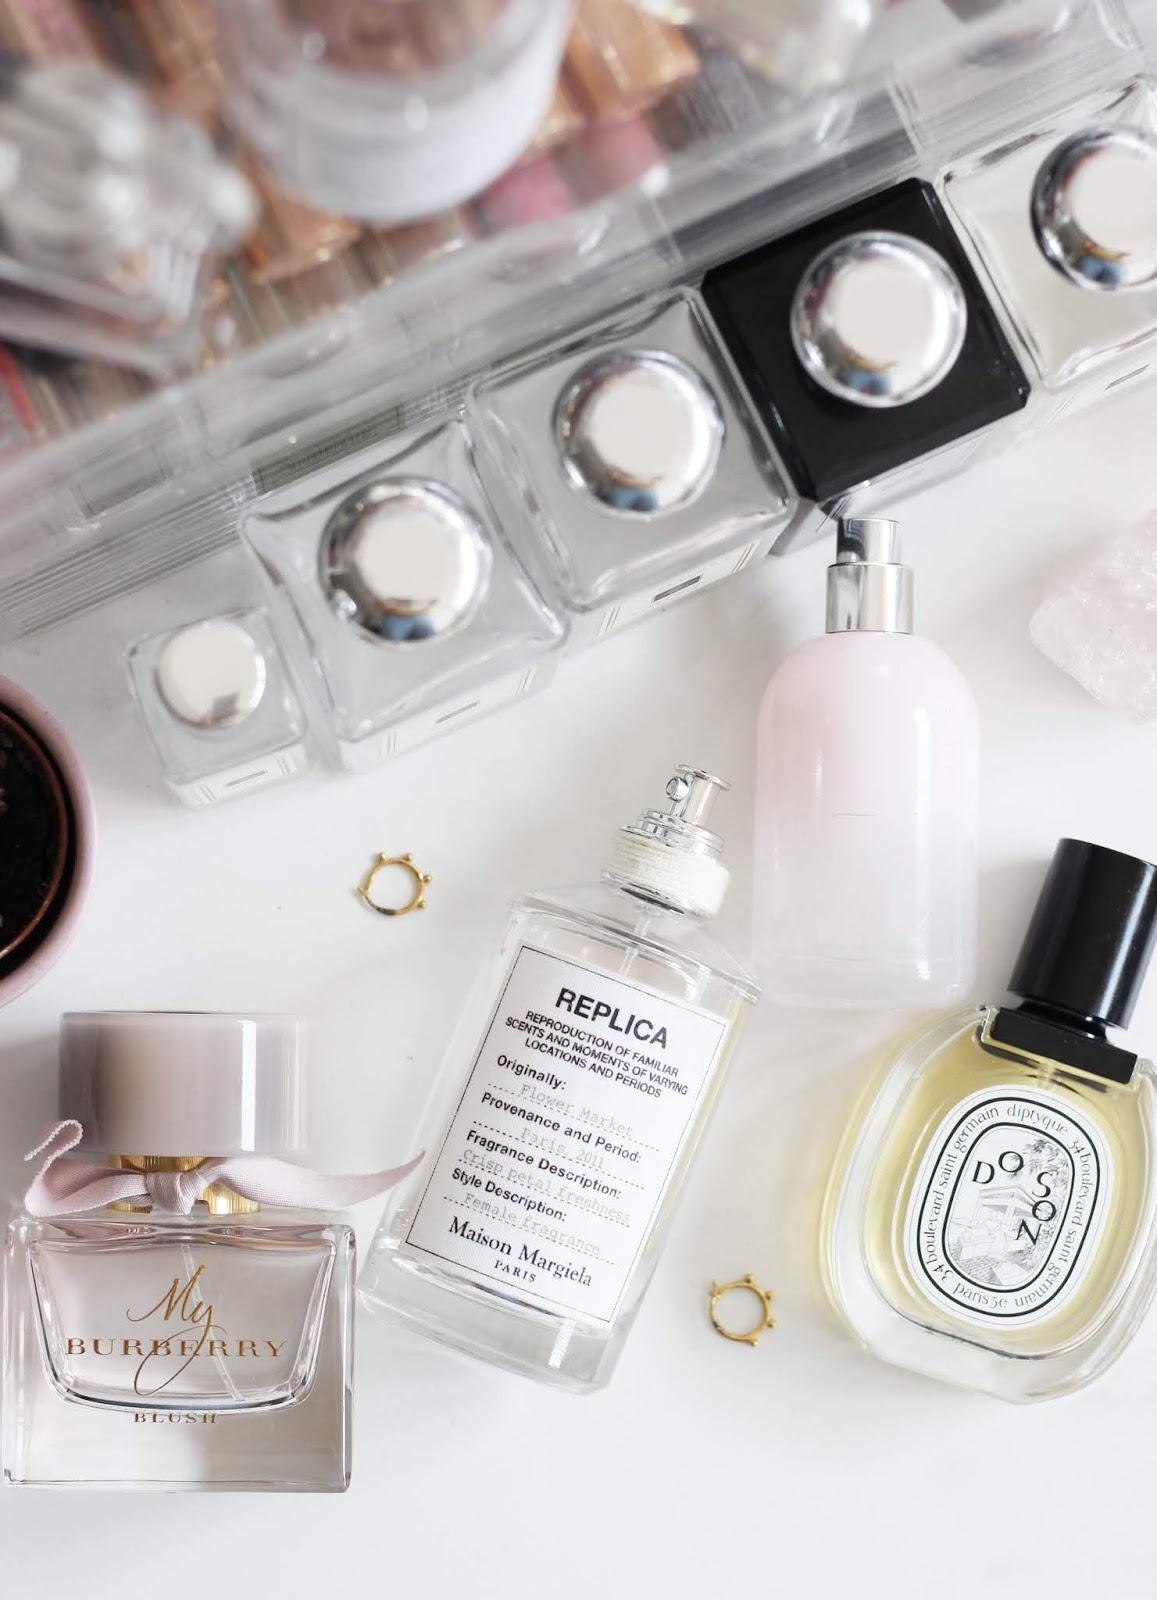 Perfume Jo Malone Maison Margiela Replica Diptyque Glossier